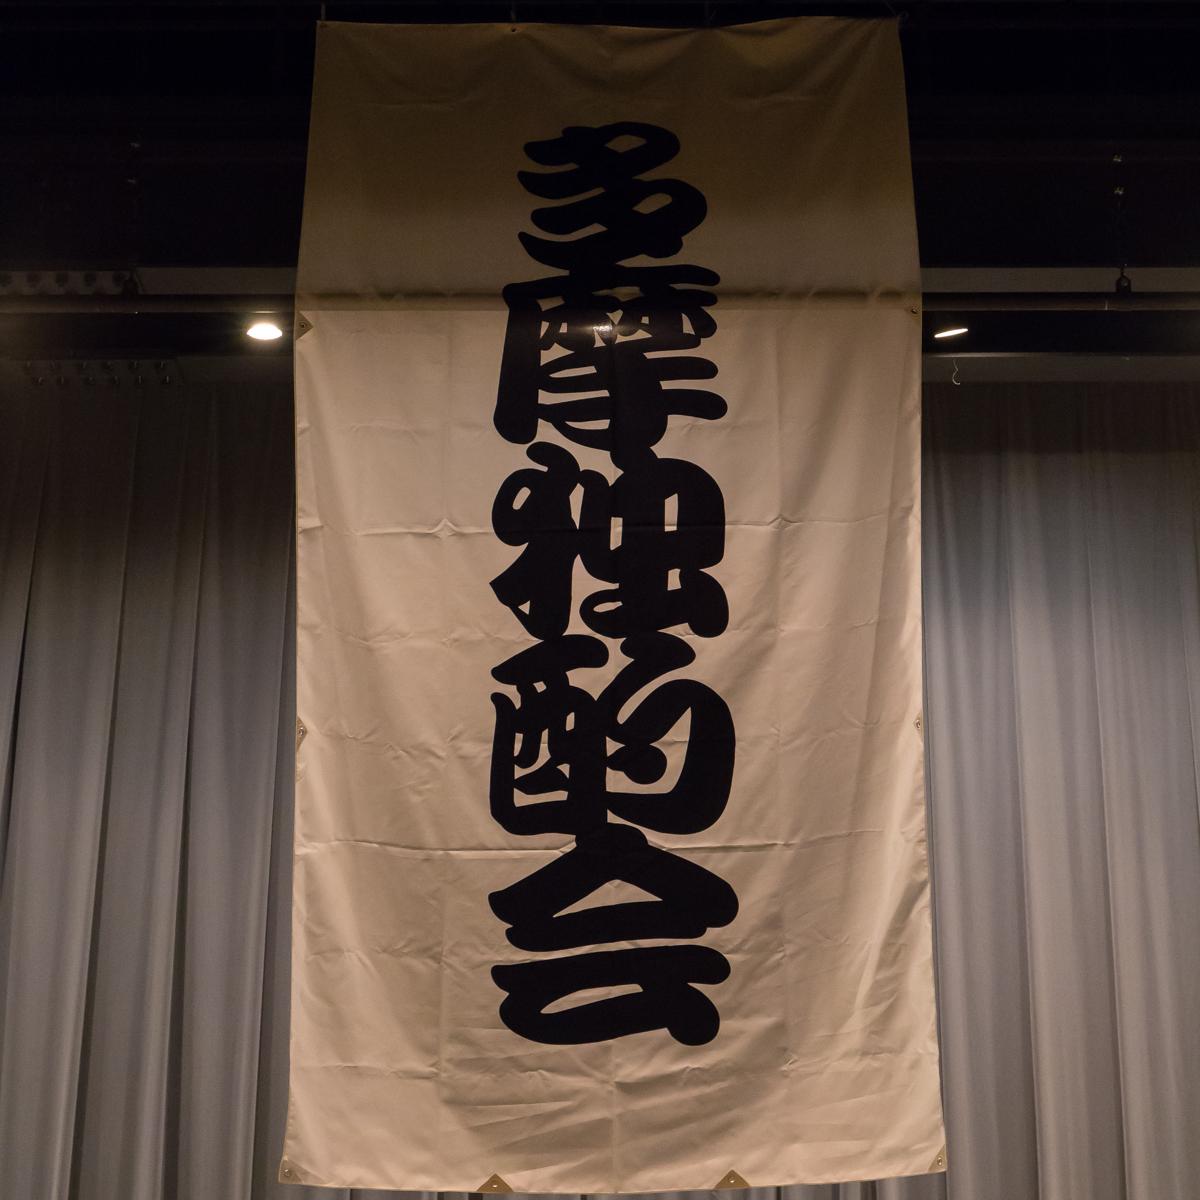 多摩独酌会(メインイメージ)